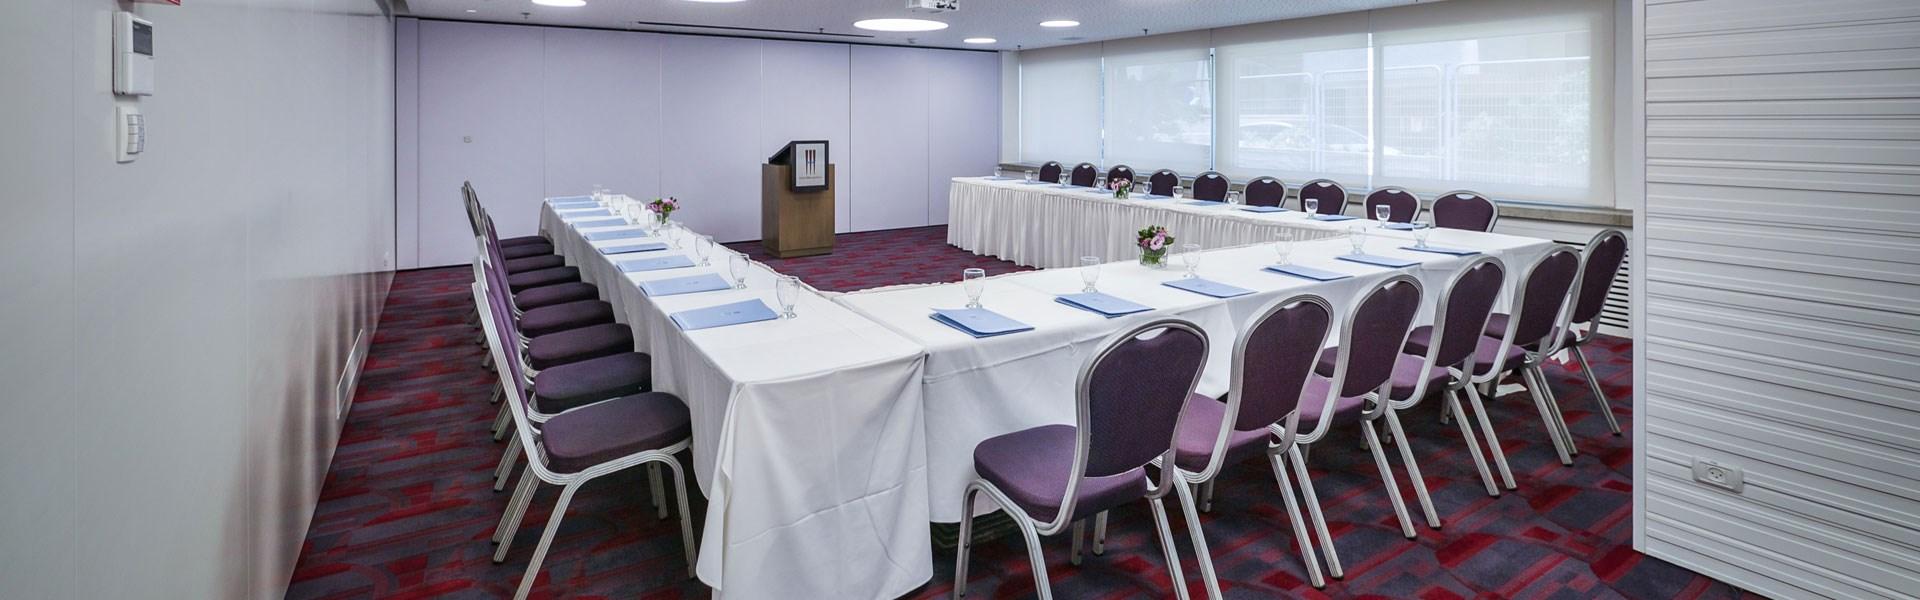 Meeting room in Metropolitan Hotel